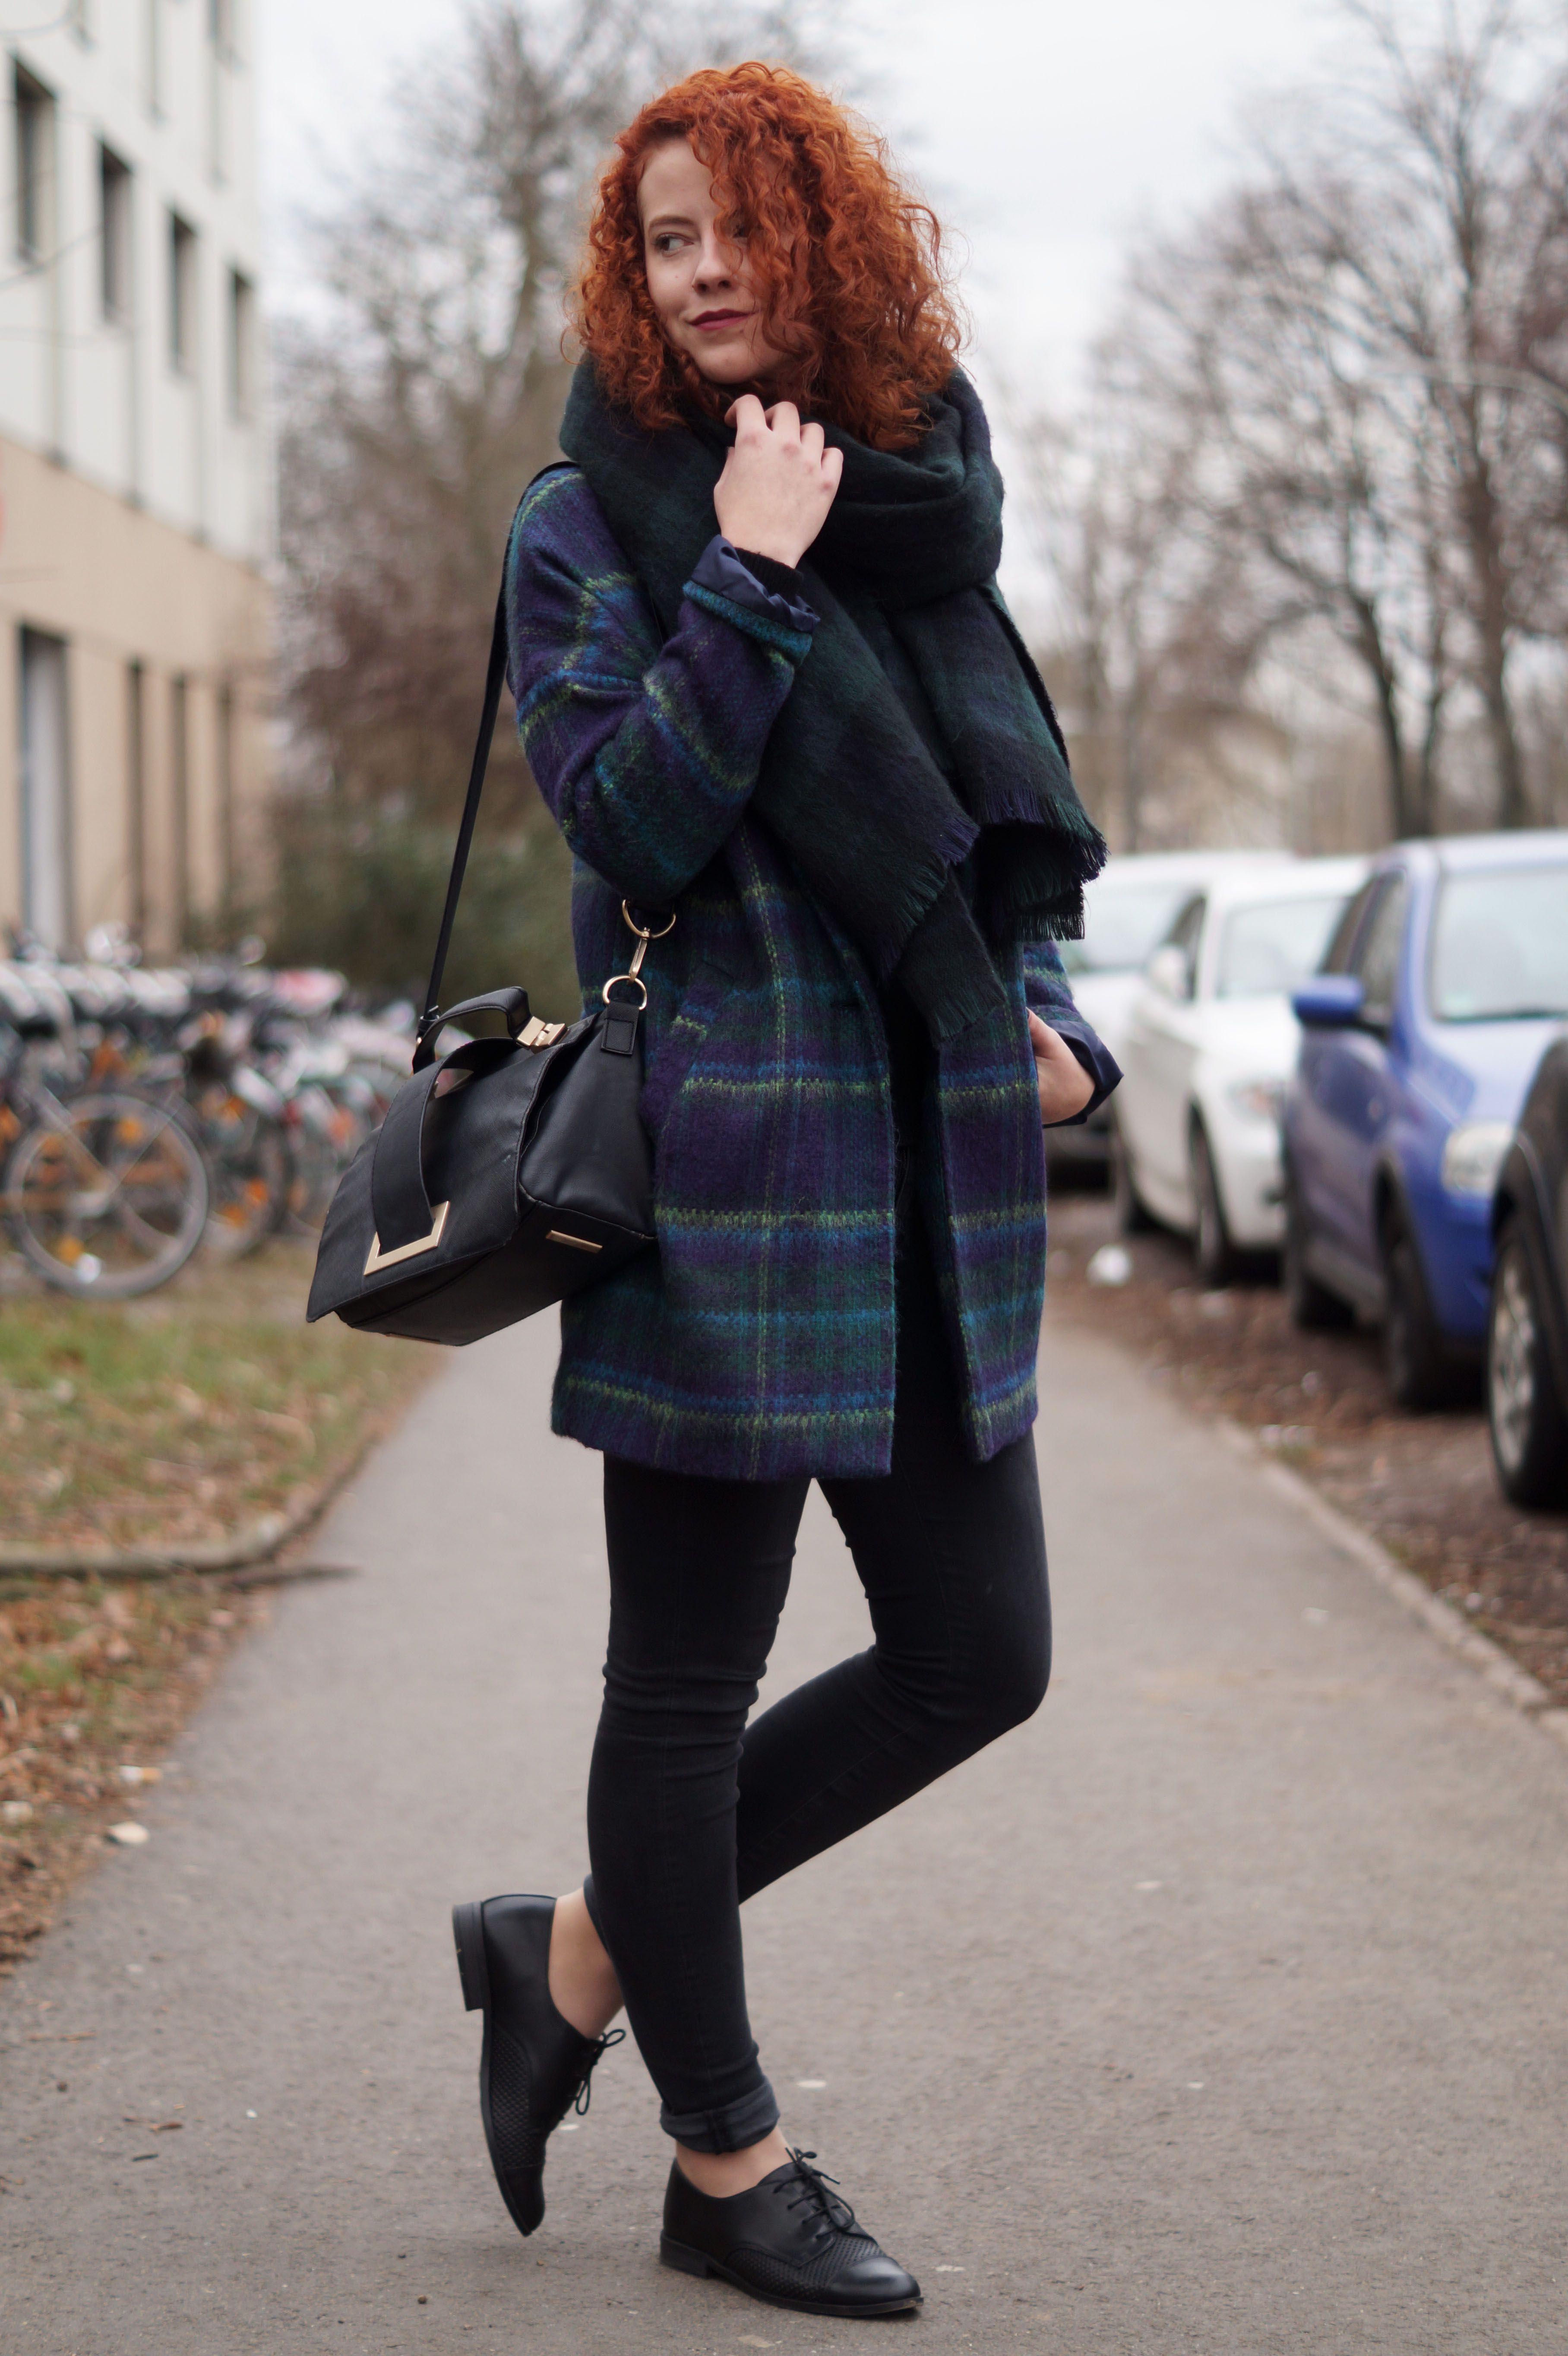 """Foto: Reprodução / <a href=""""http://deliah-alexandra.com/outfit-slightly-boyish/"""" target=""""_blank"""">Deliah Alexandra</a>"""